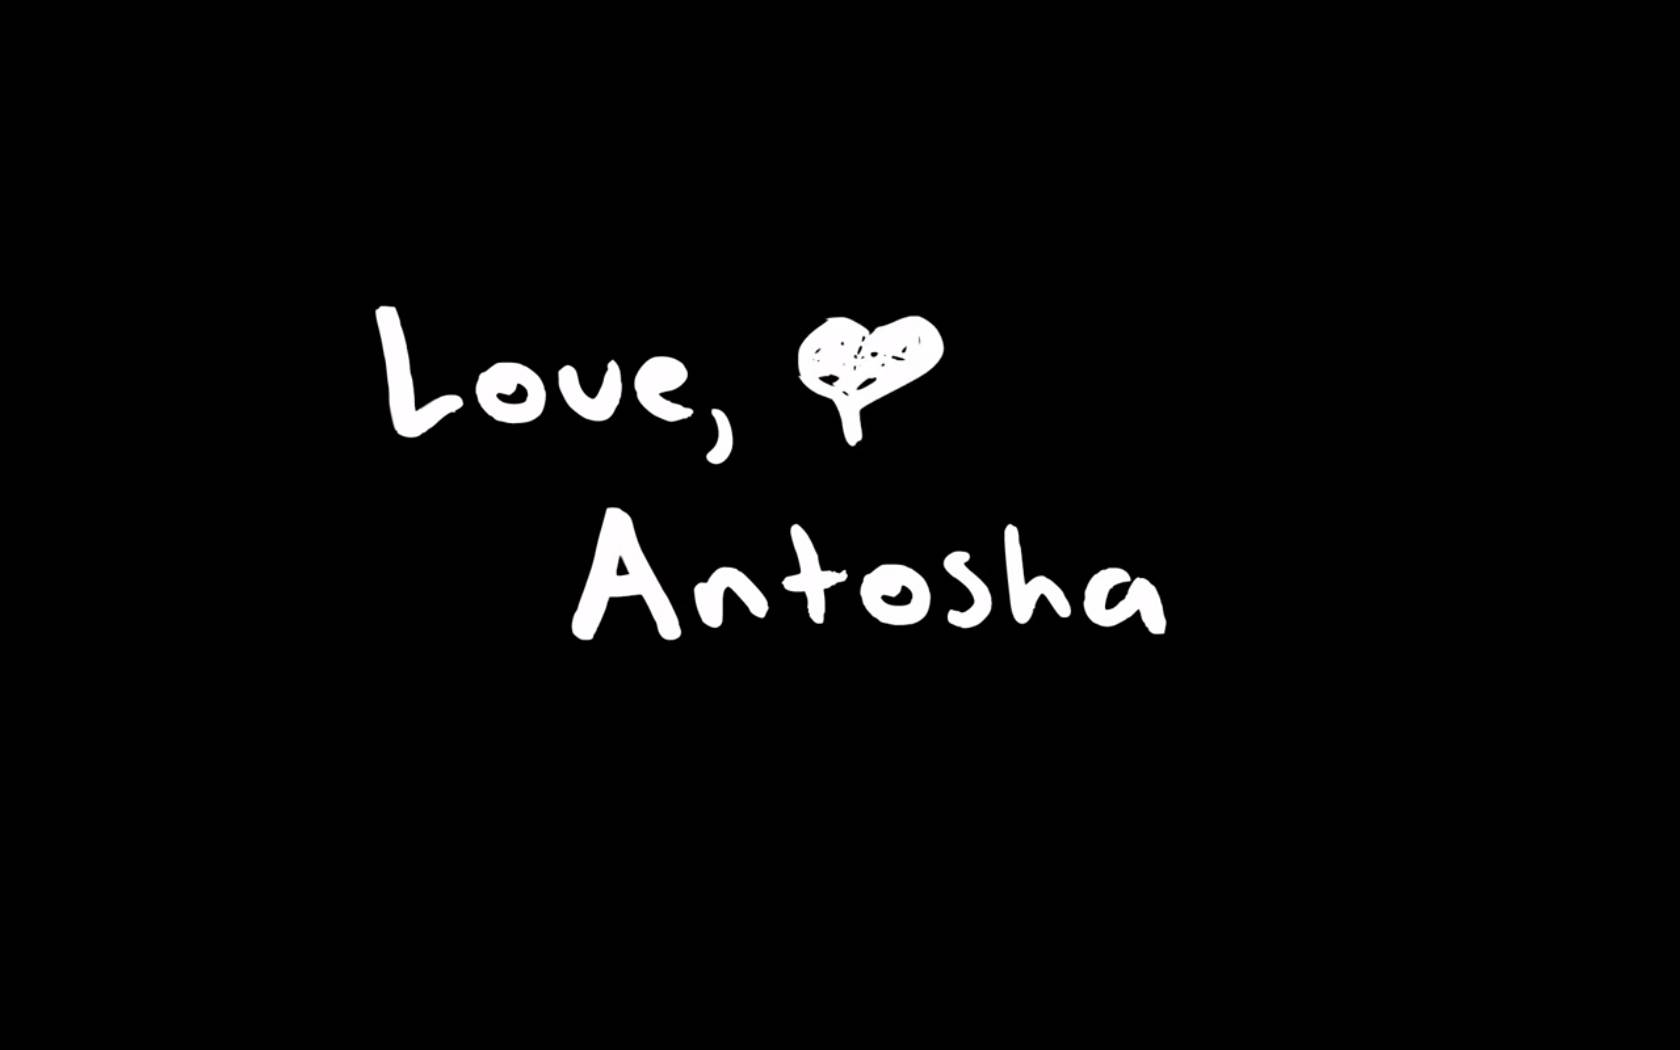 Трейлер документального фильма «Слюбовью, Антоша» – об Антоне Ельчине